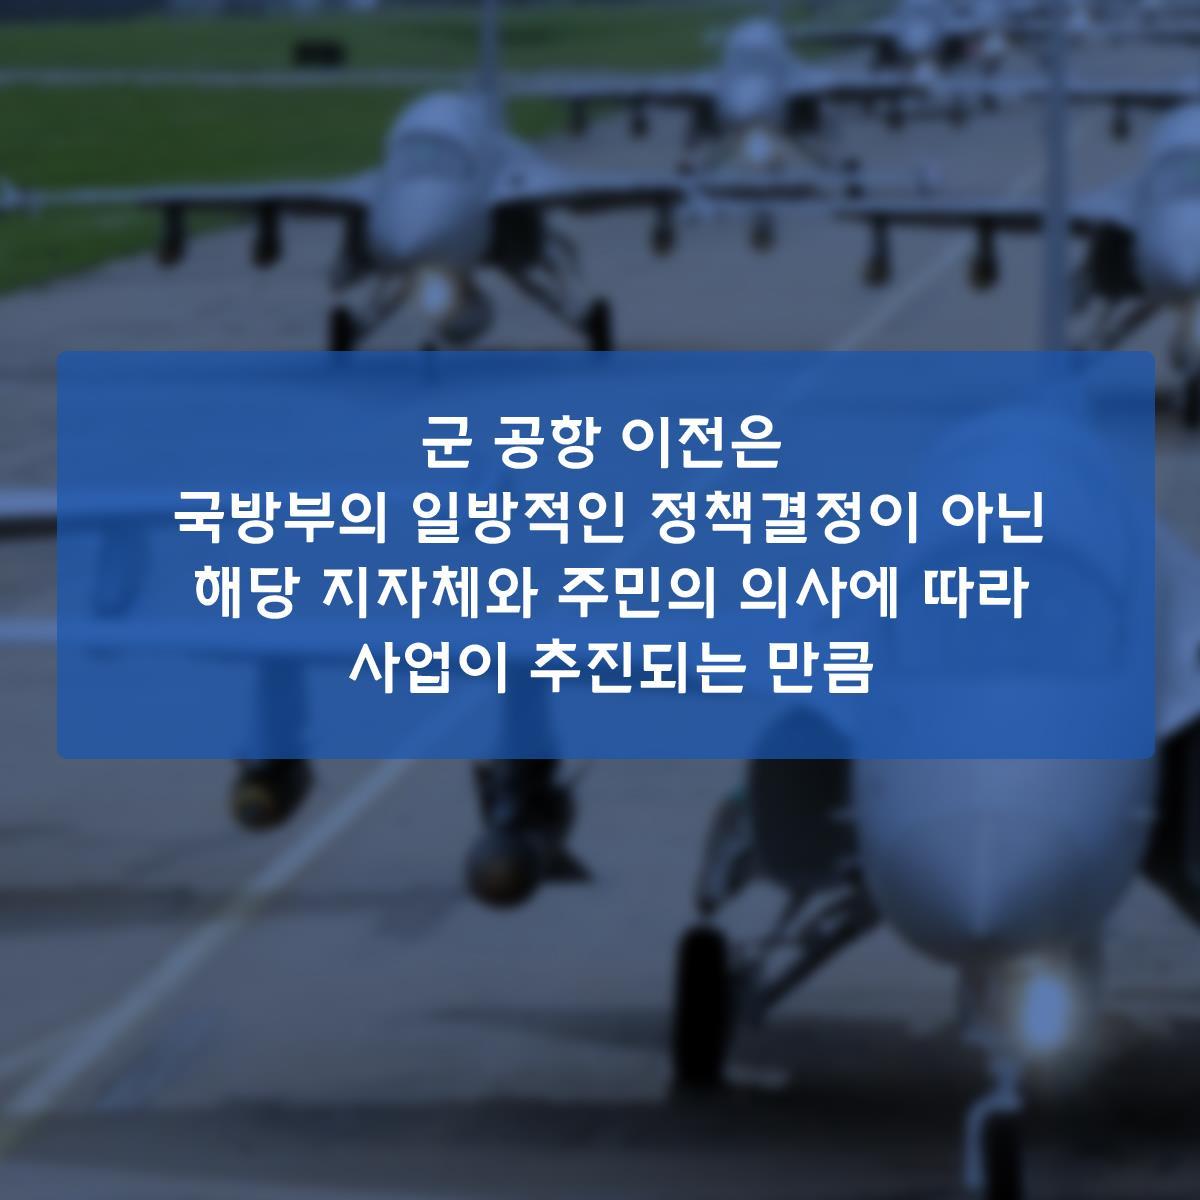 군 공항 이전 사업22